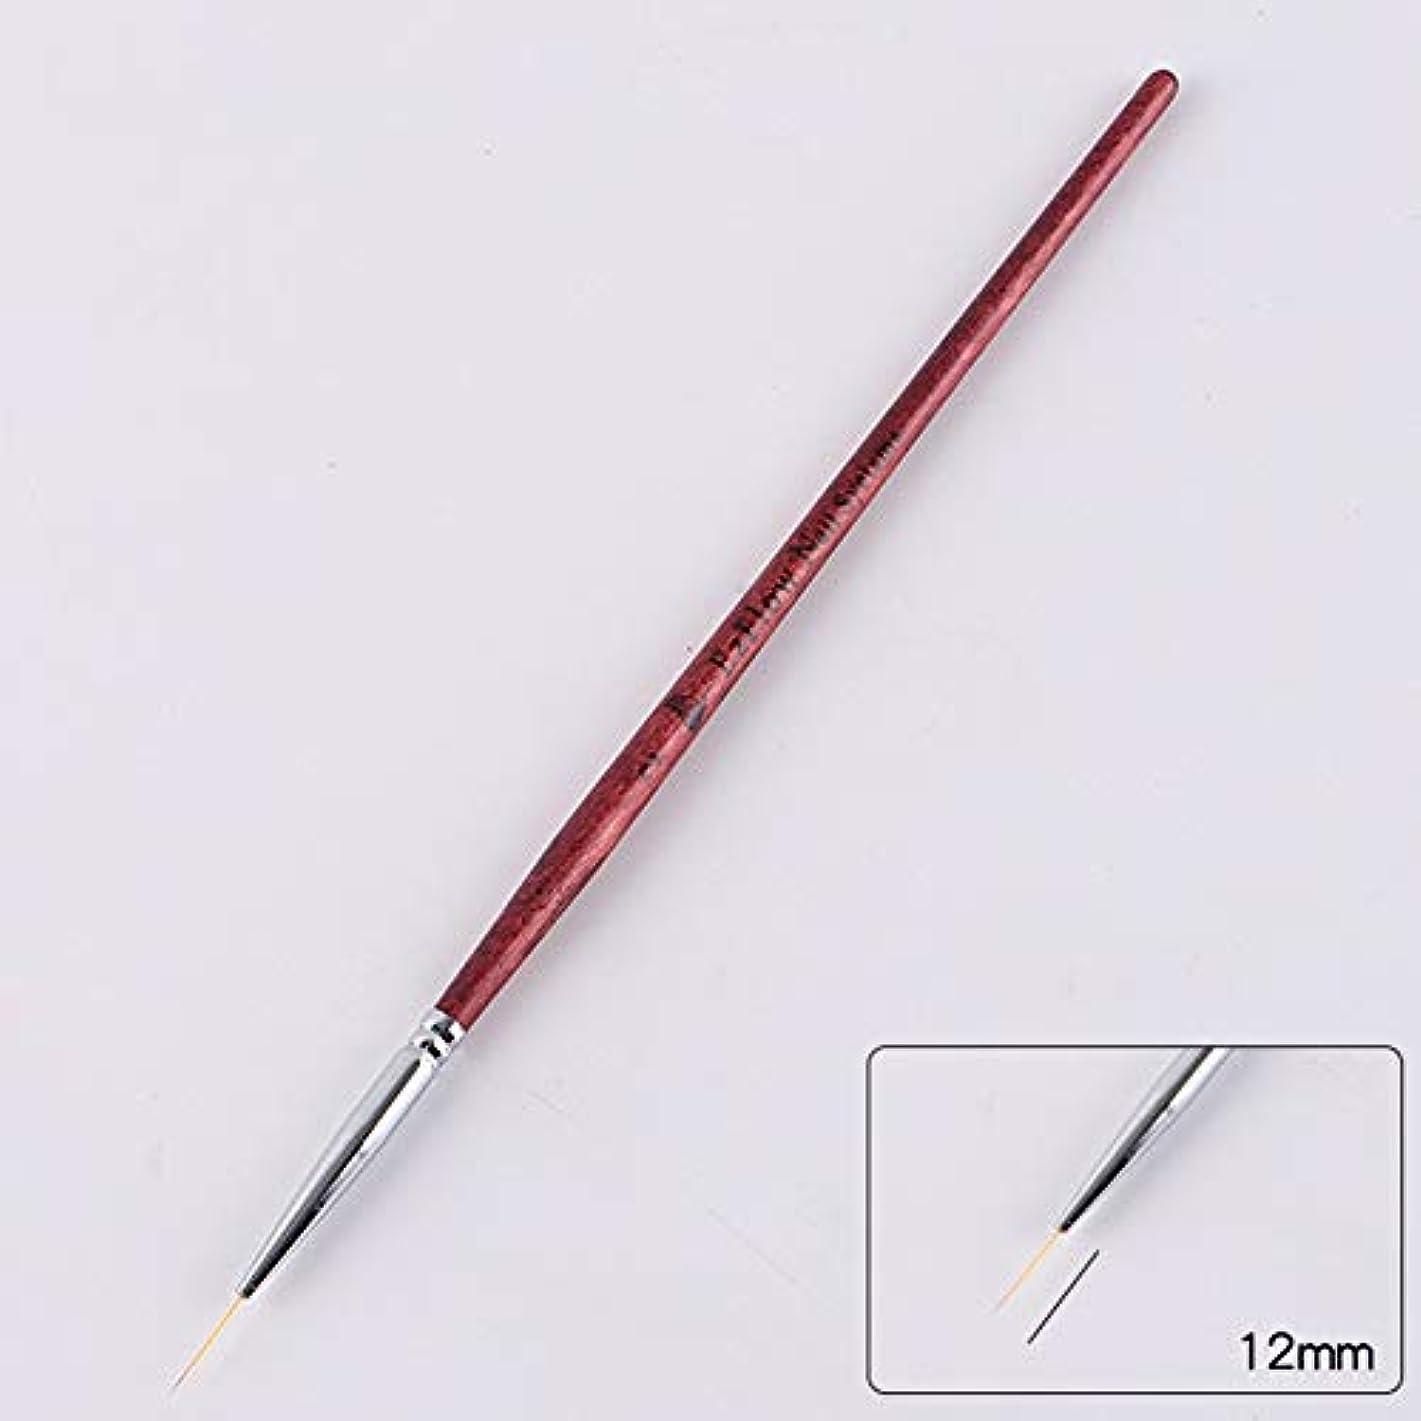 ガードミキサー素子ACHICOO ネイルブラシ ネイルアートライナー ブラシペン DIY ネイルアート ドットツール ネイルアートペン用 初心者   2#1.2cm